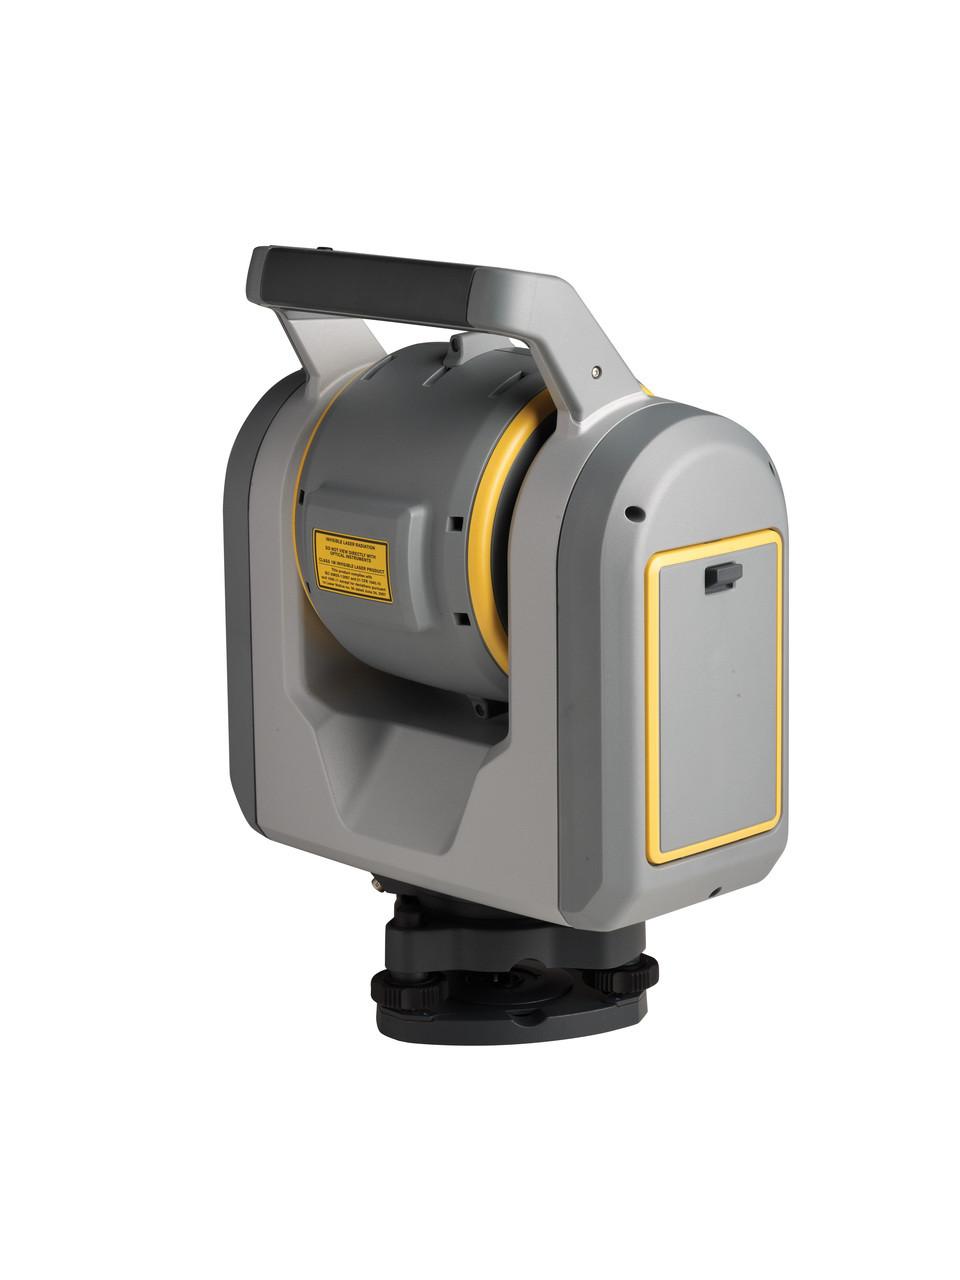 Trimble SX10 | Robotic Scanning 3D Total Station | Precision